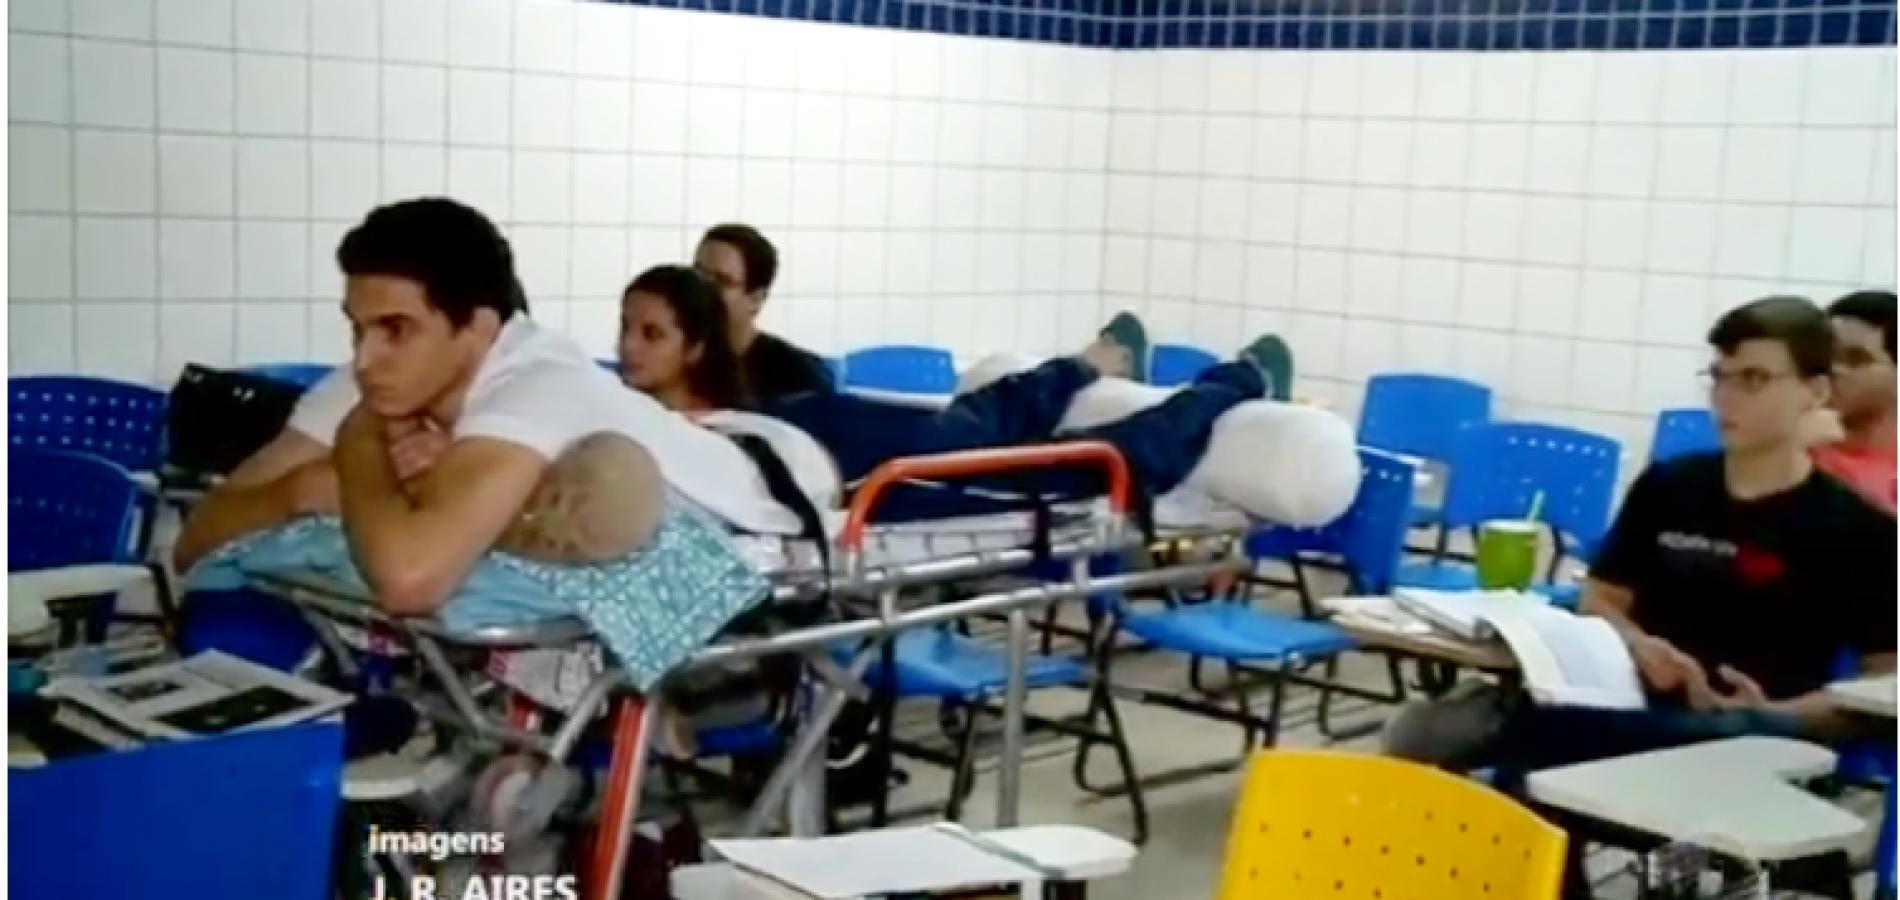 Campanha: aluno de Medicina da Ufpi assiste aula em maca e precisa de cadeira especial